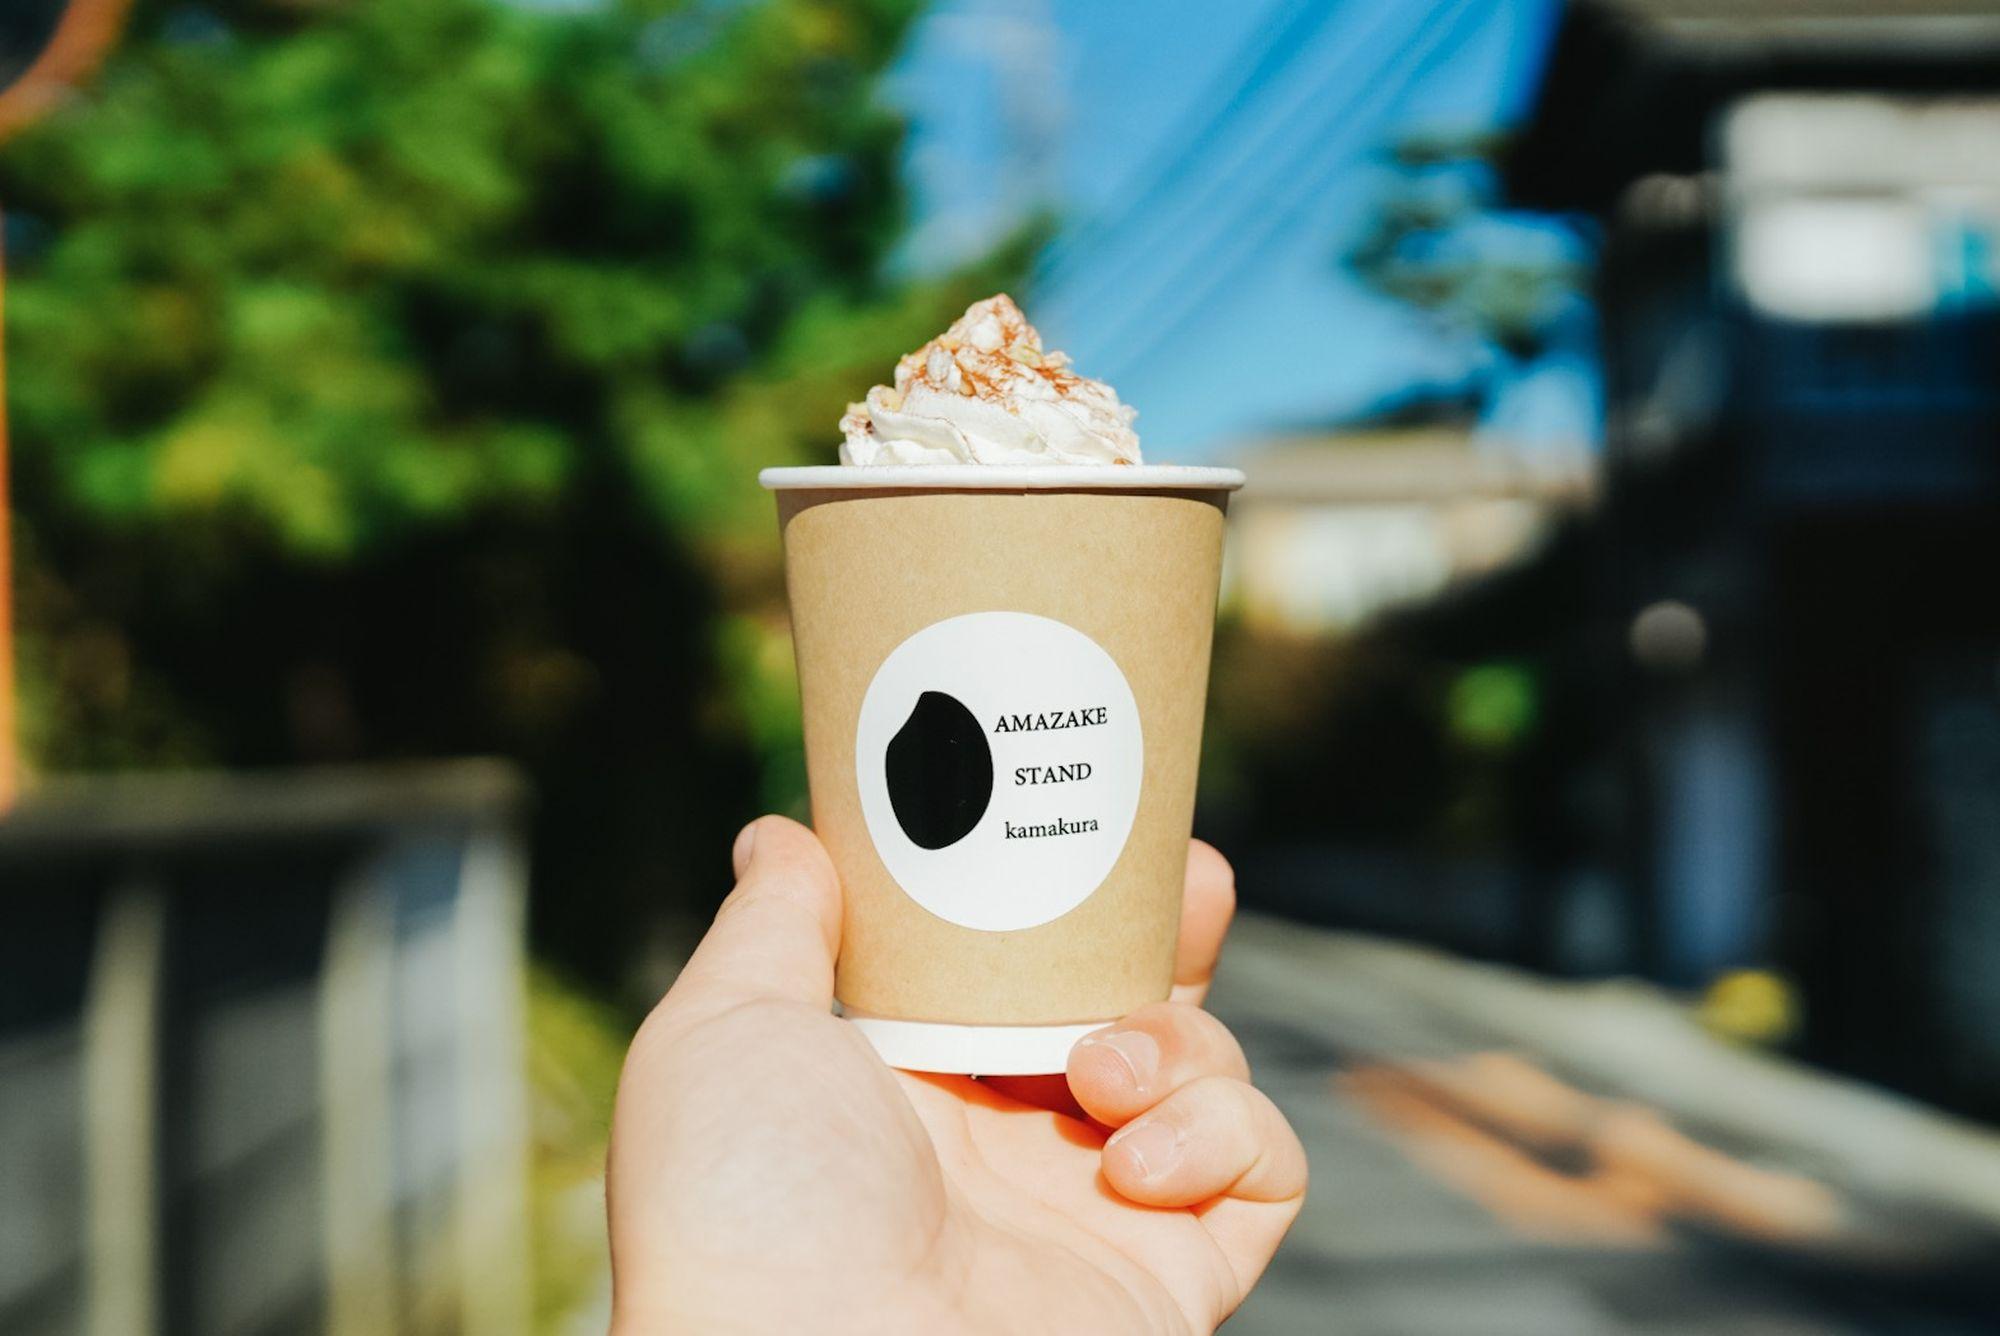 生あま酒専門店『AMAZAKE STAND』2019年大晦日、鎌倉にオープン